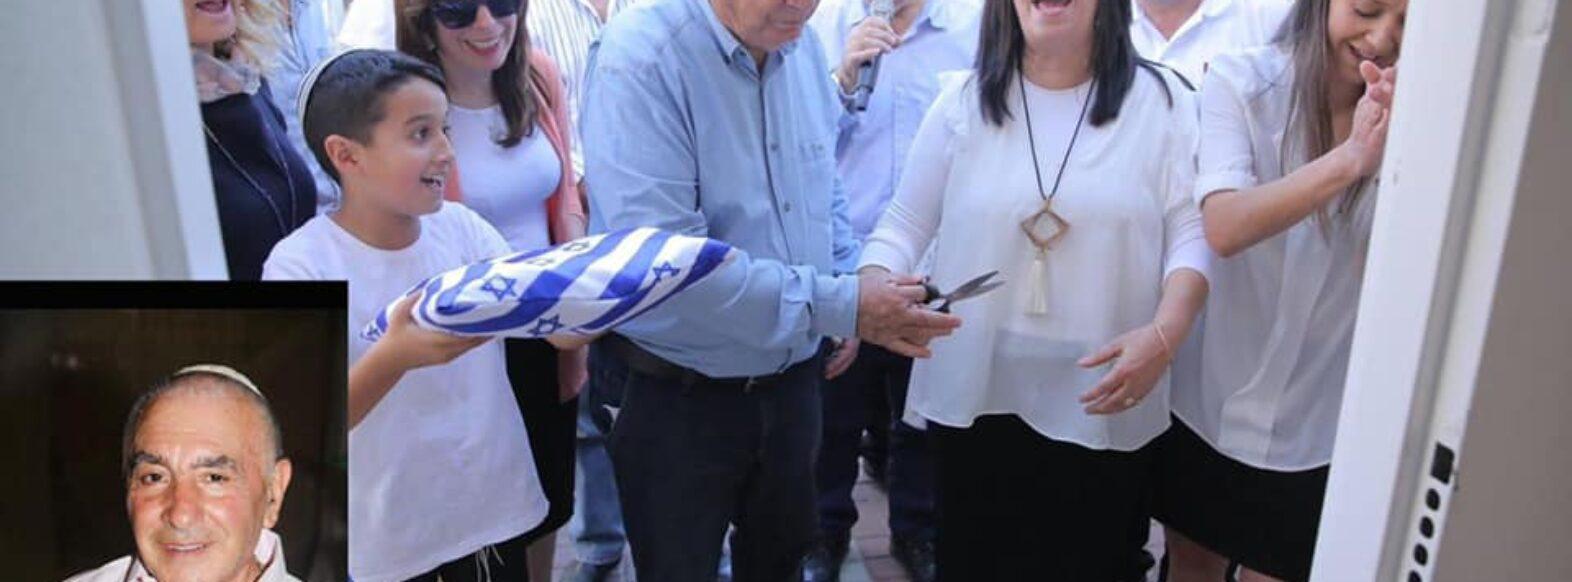 """קריית מוצקין: אולם הספורט ביוספטל יונצח על שמו של מקס נחמני ז""""ל"""